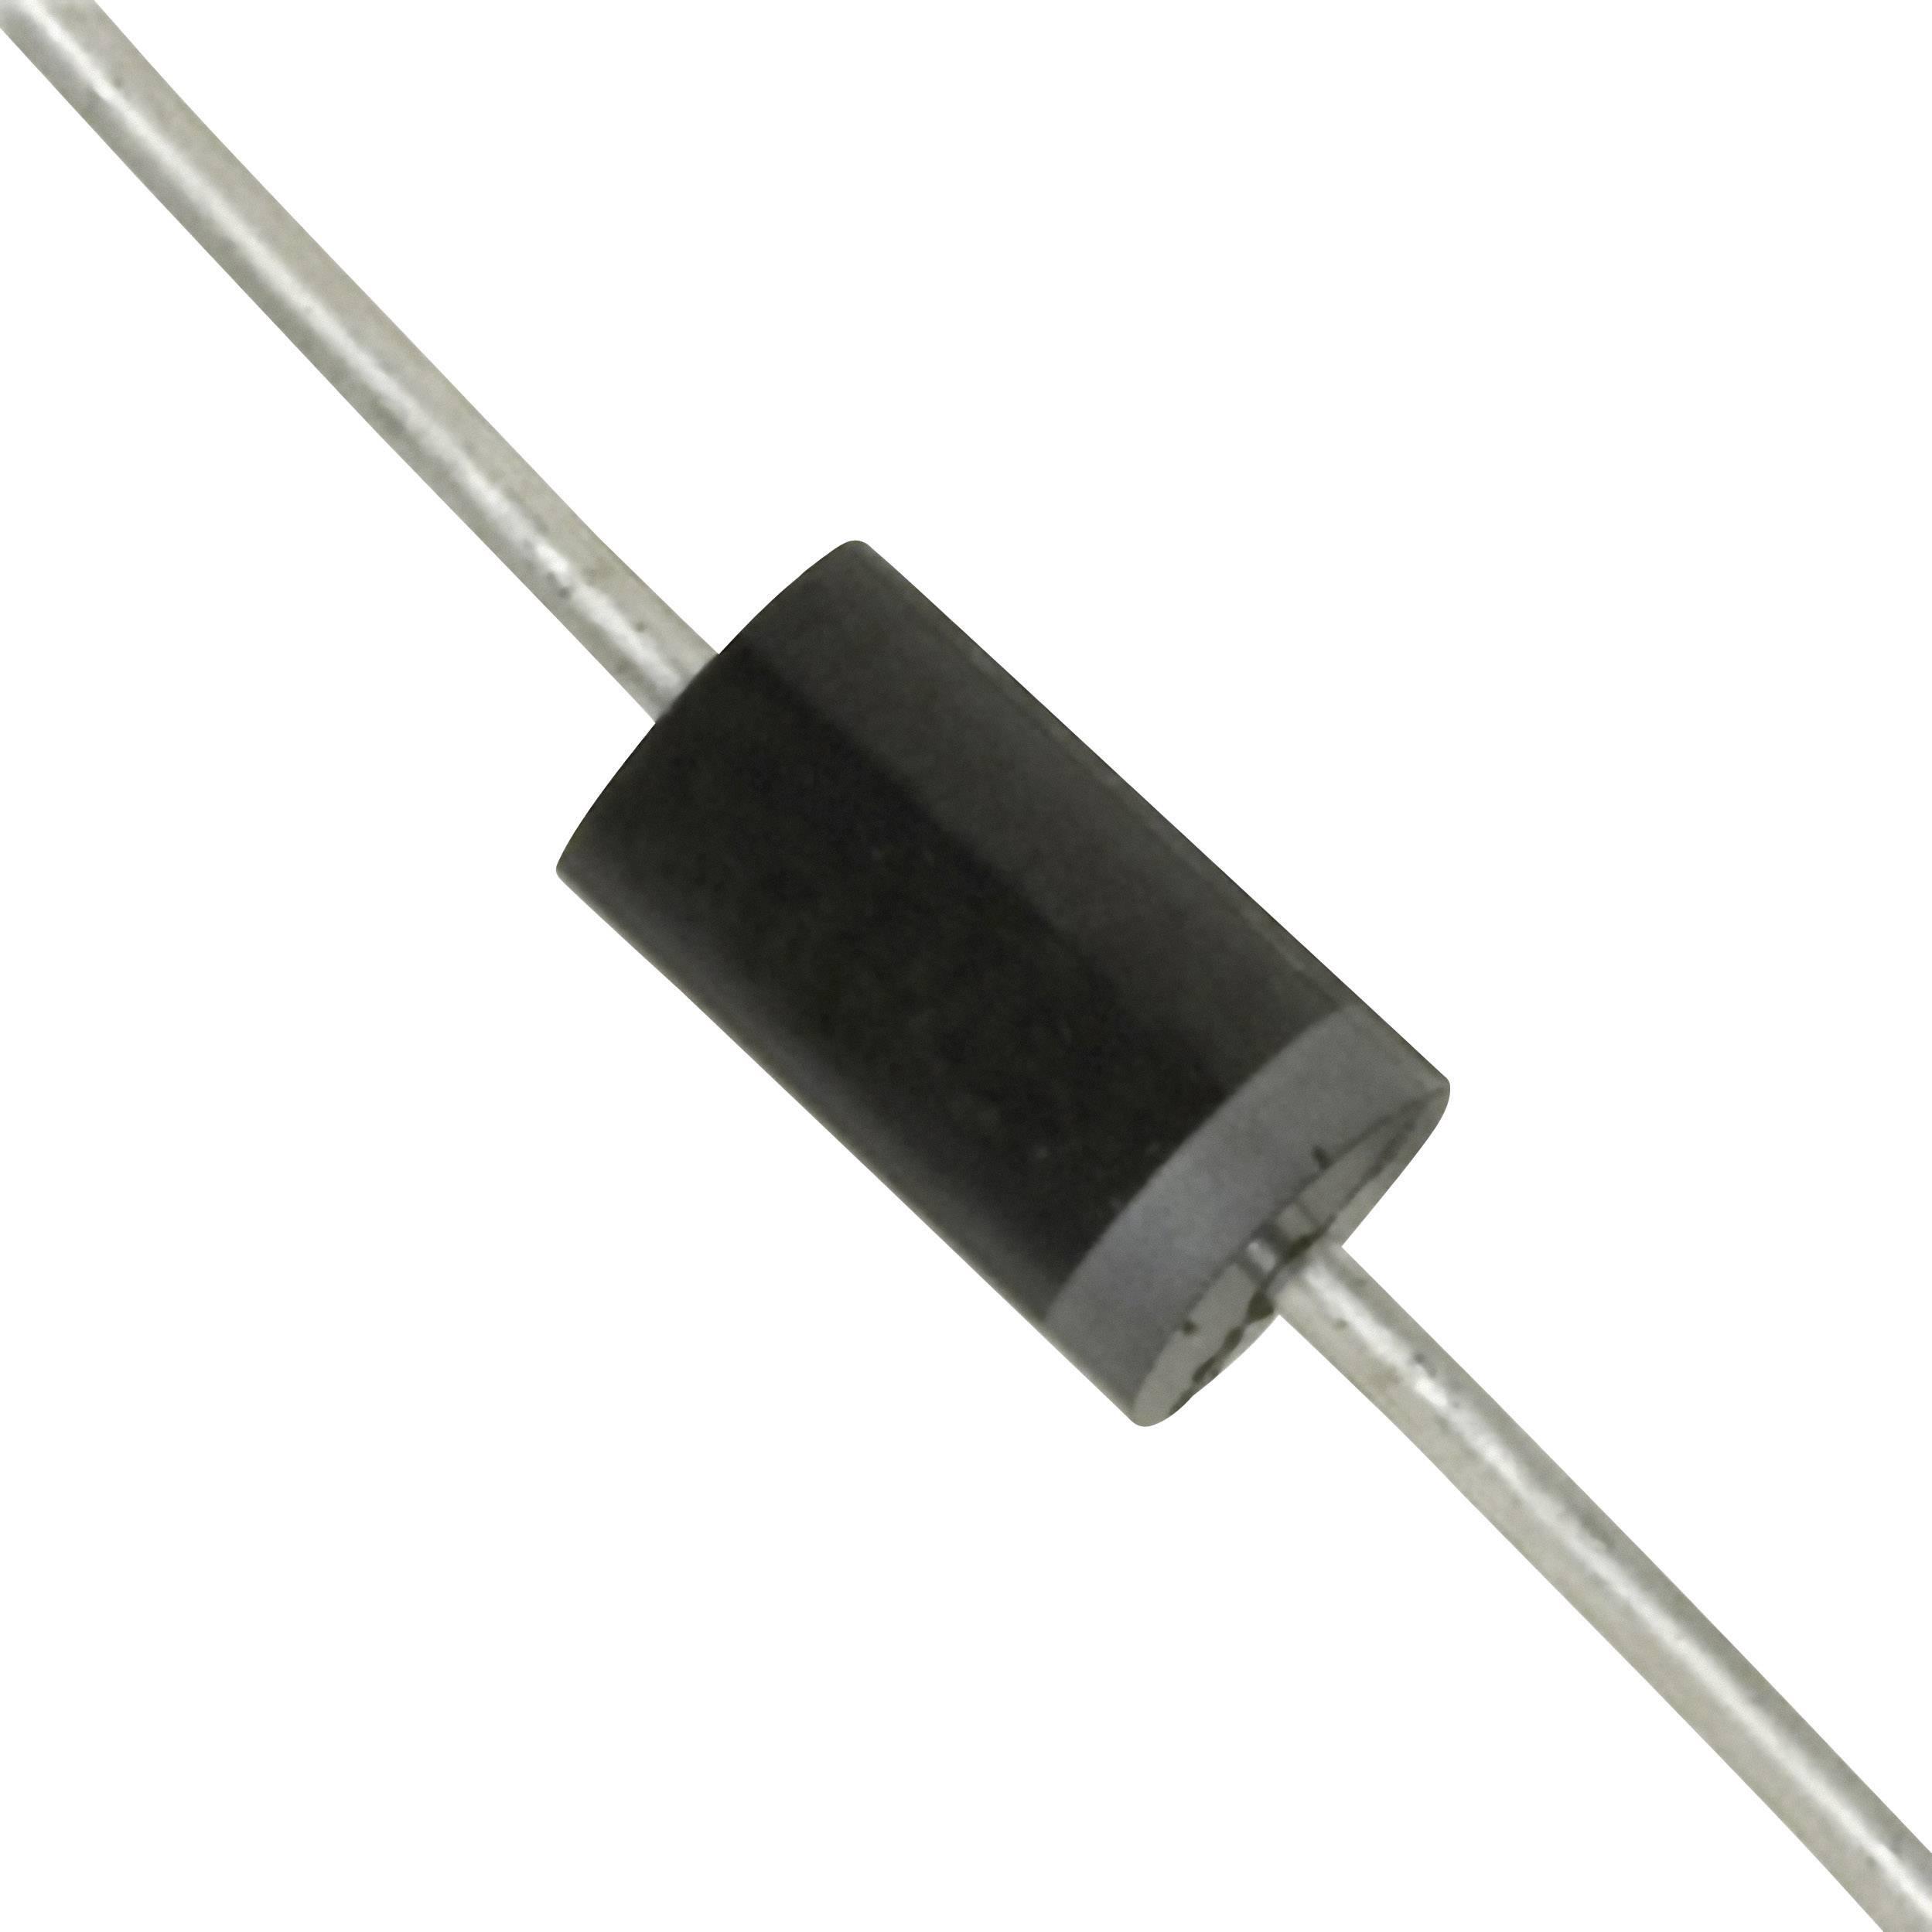 Zenerova dioda Diotec ZPD 20 V, 500 mW, DO 35 P